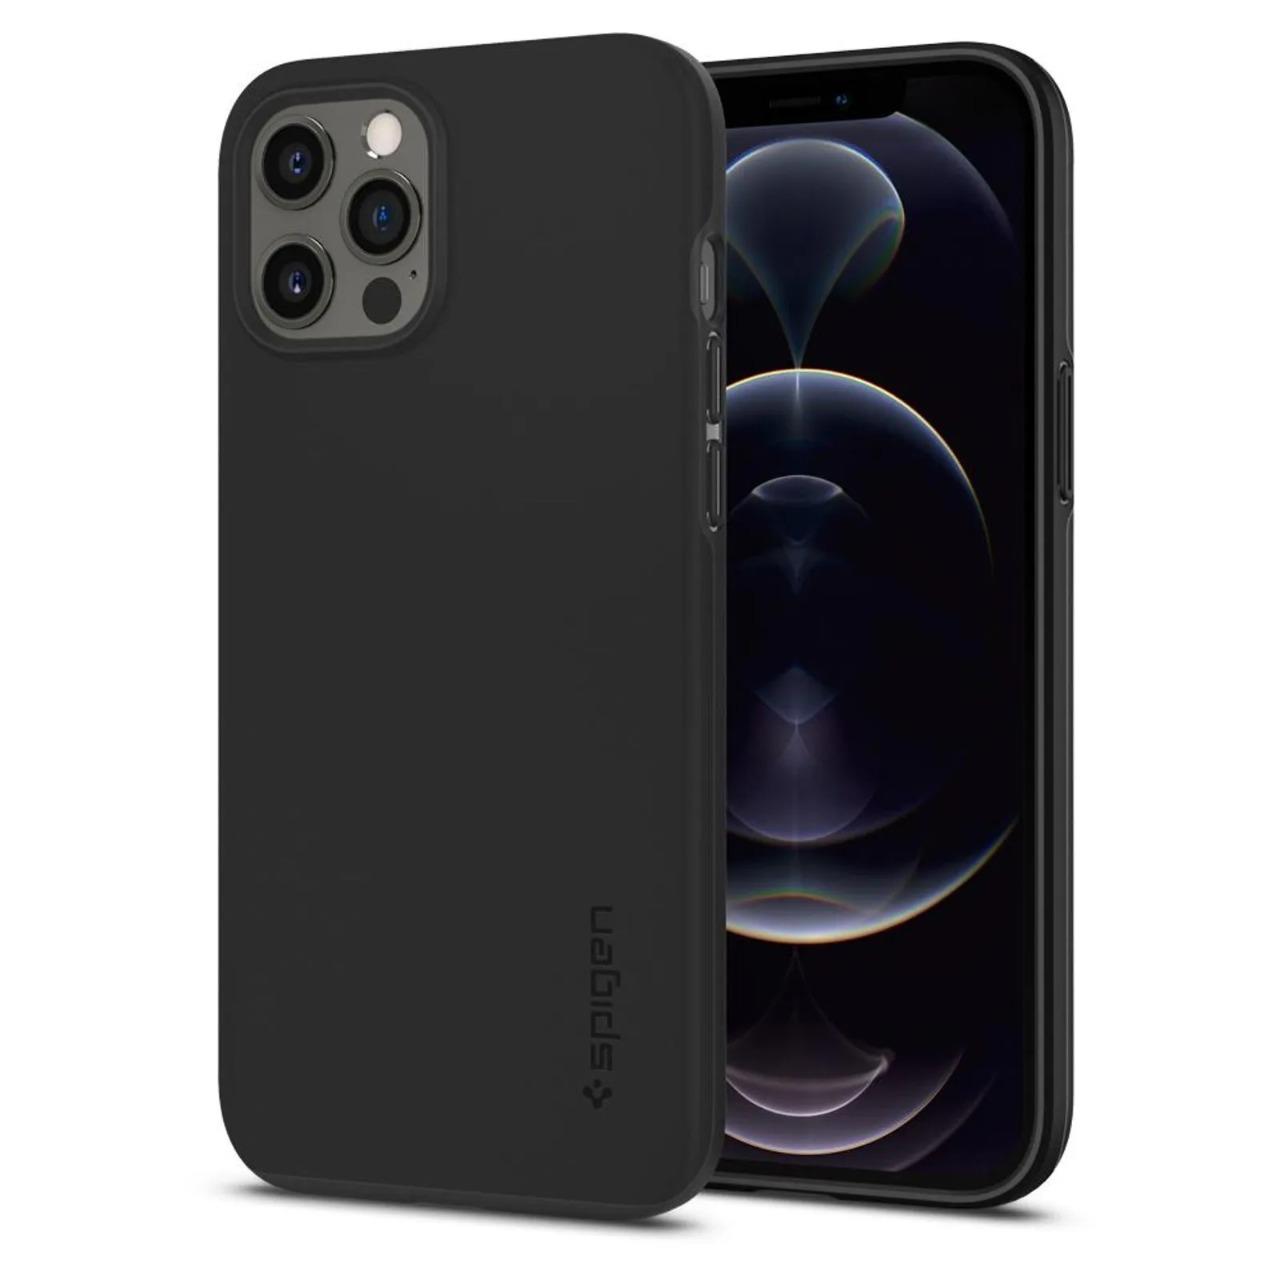 Capa Thin Fit Black Compatível com iPhone 12 Pro Max